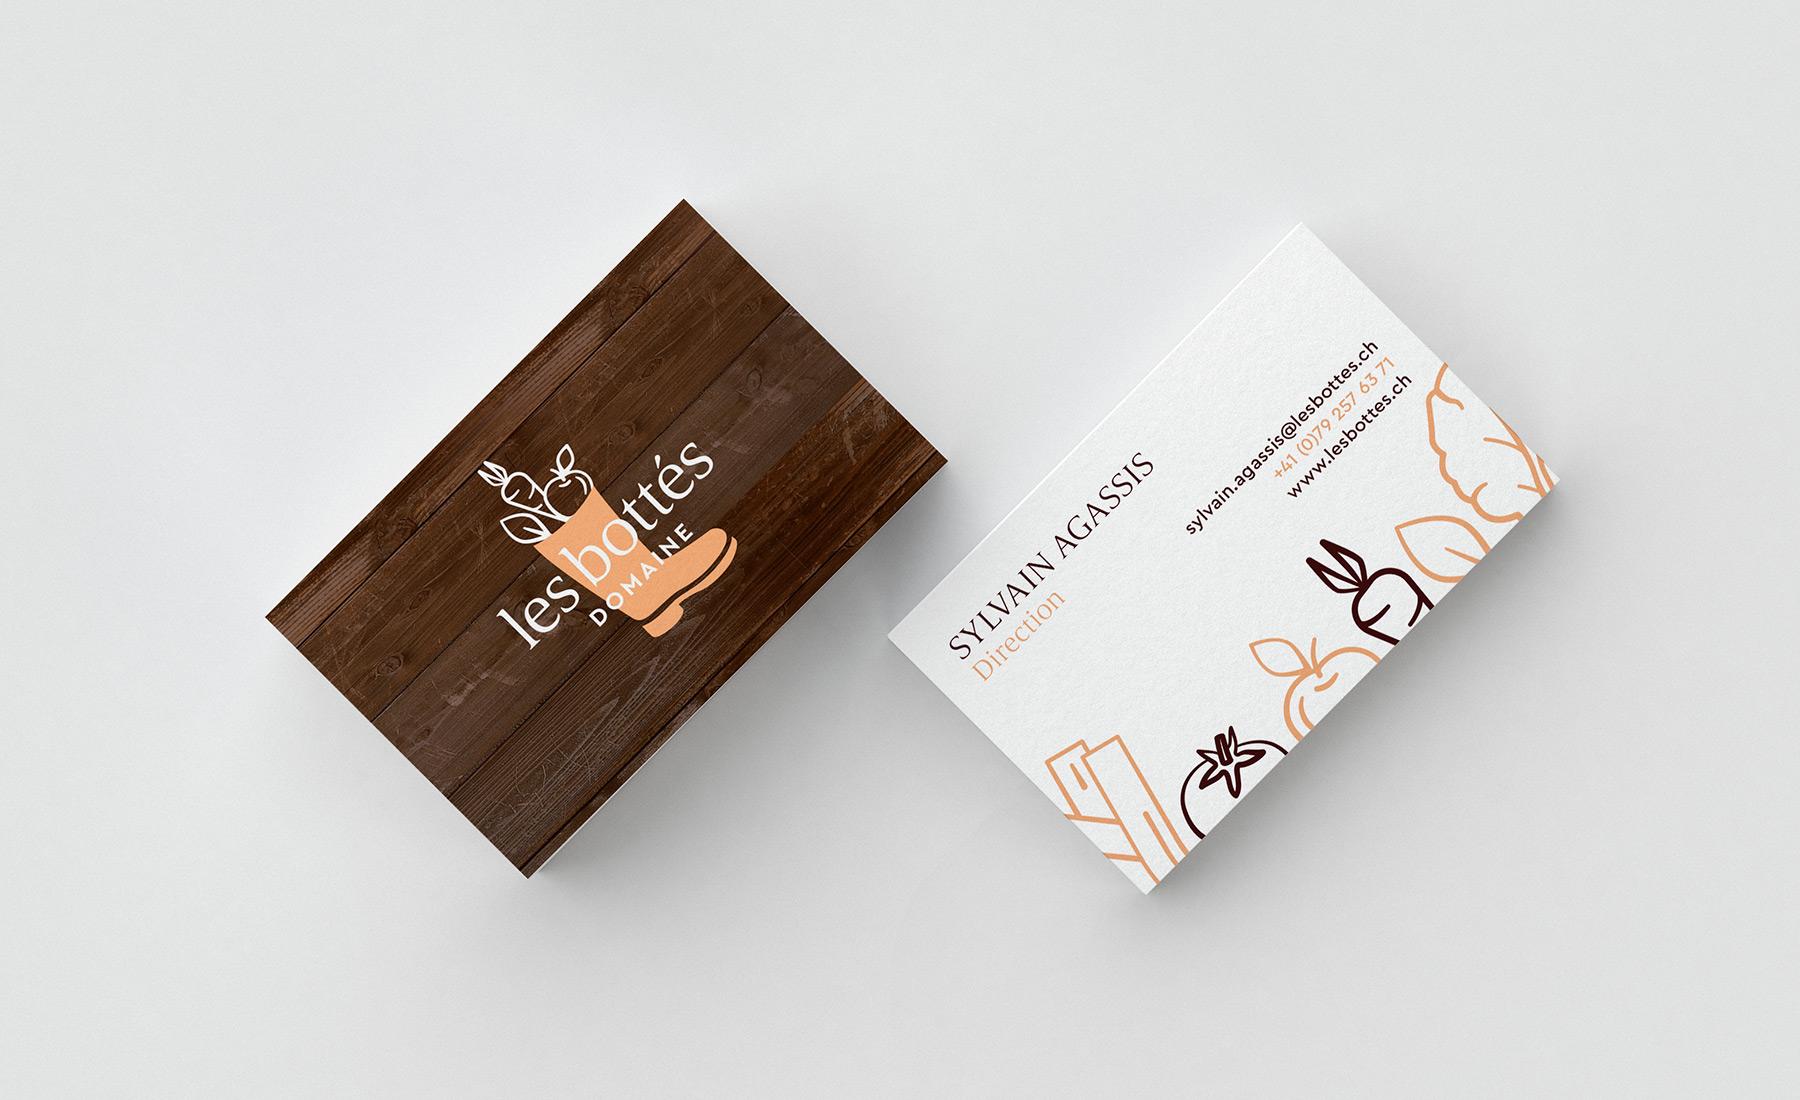 Cartes de visite des Bottés, Graphisme de Hybride Design